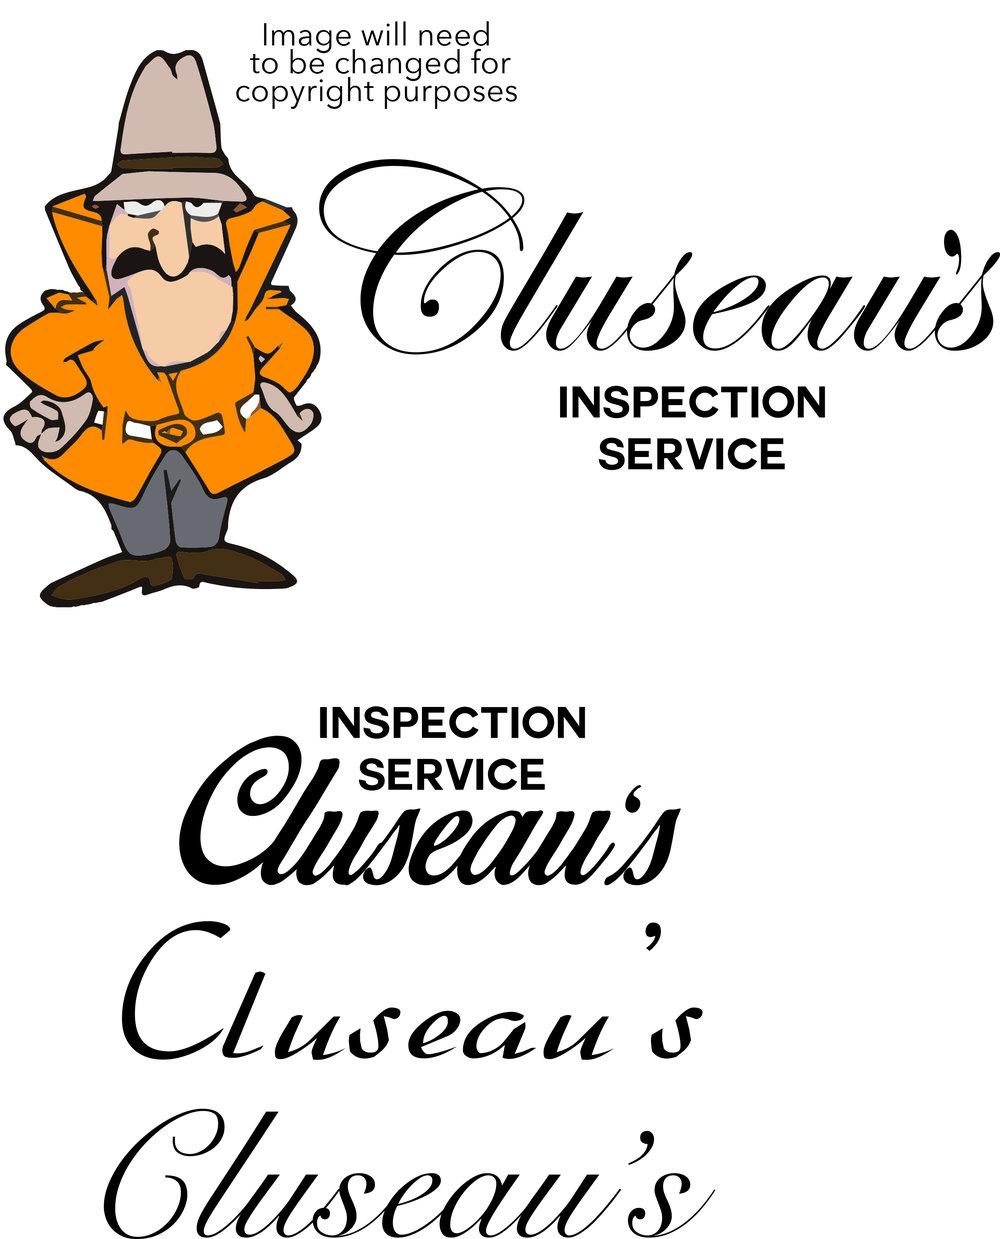 Clouseaus-2.jpg